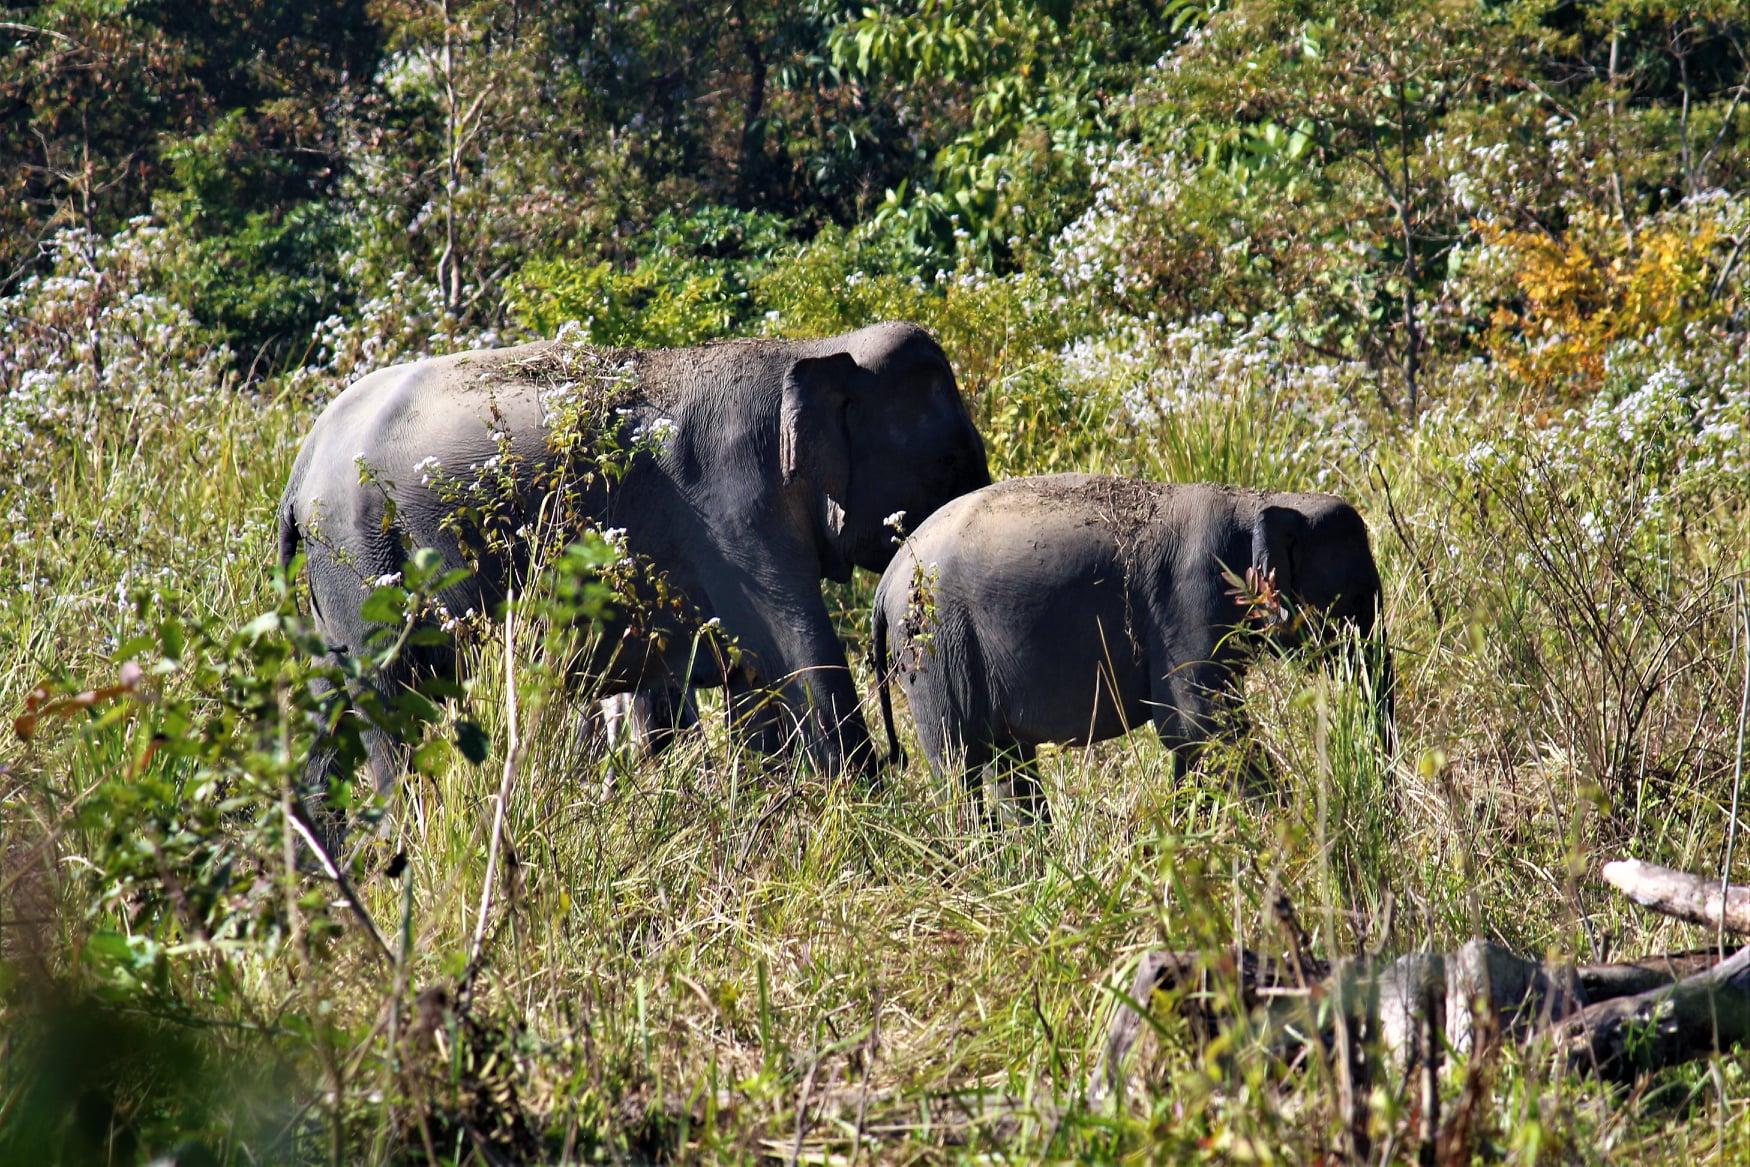 Maozigendri Ecotourism Society revived Manas National Park